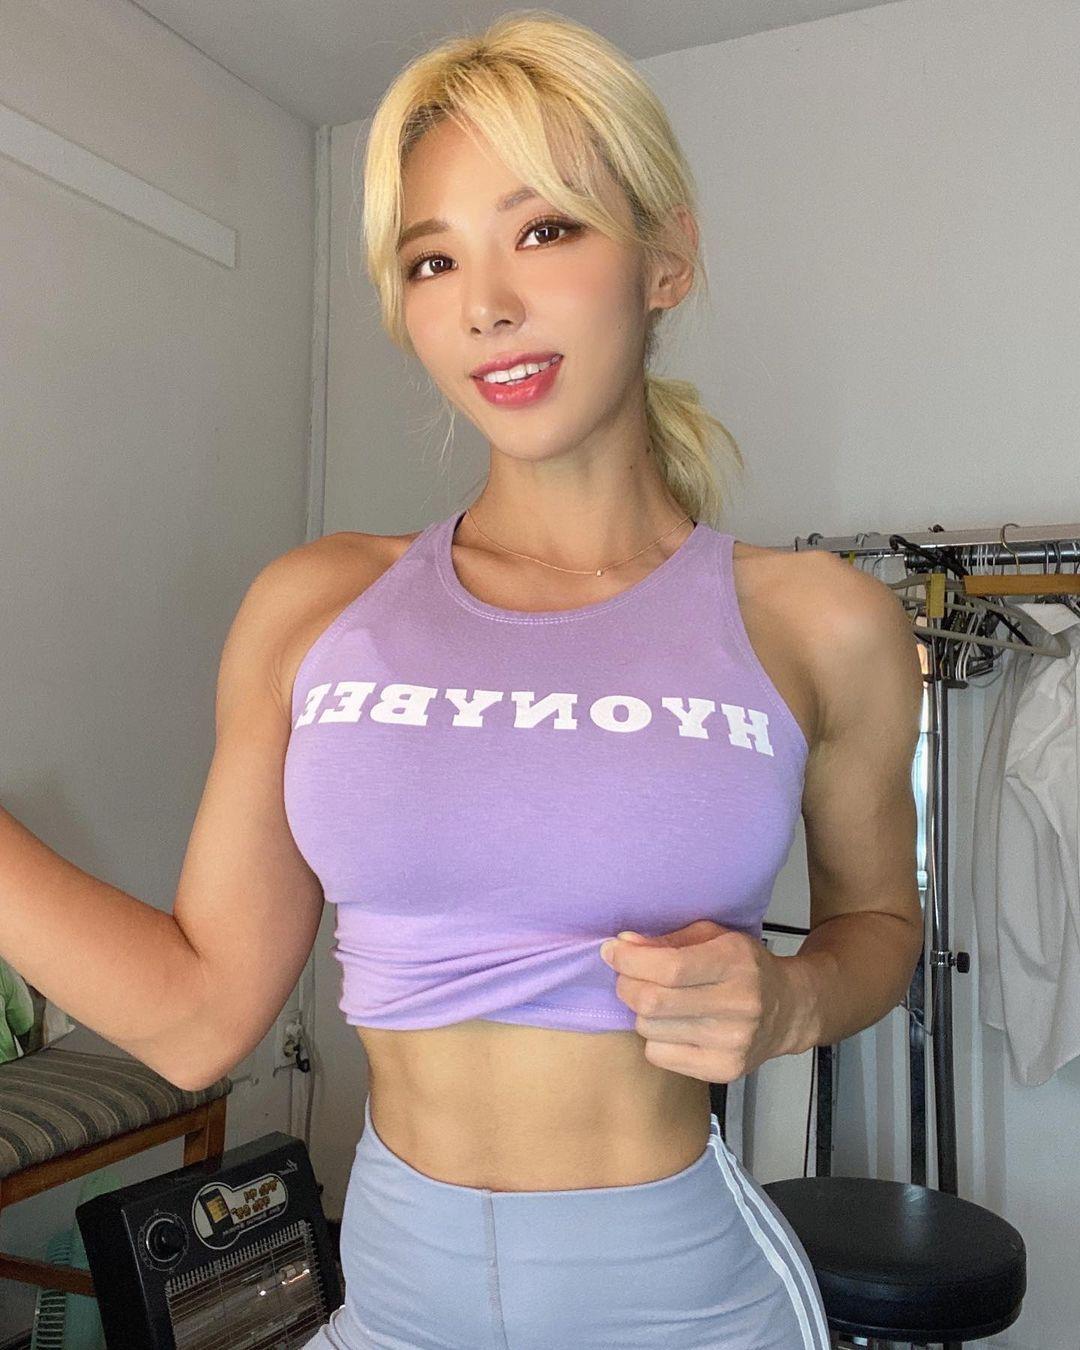 健身教练金孝贞完美体态肉感指数破表腹肌如钢铁般结实 养眼图片 第2张